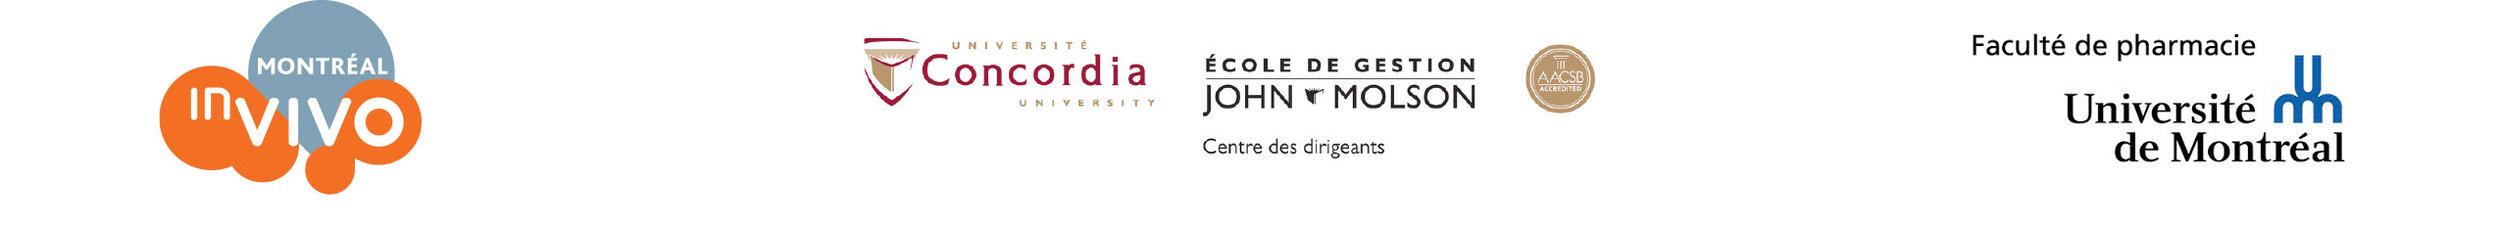 Logos---Programme-entreprenariat-sciences-de-la-vie_FR.jpg